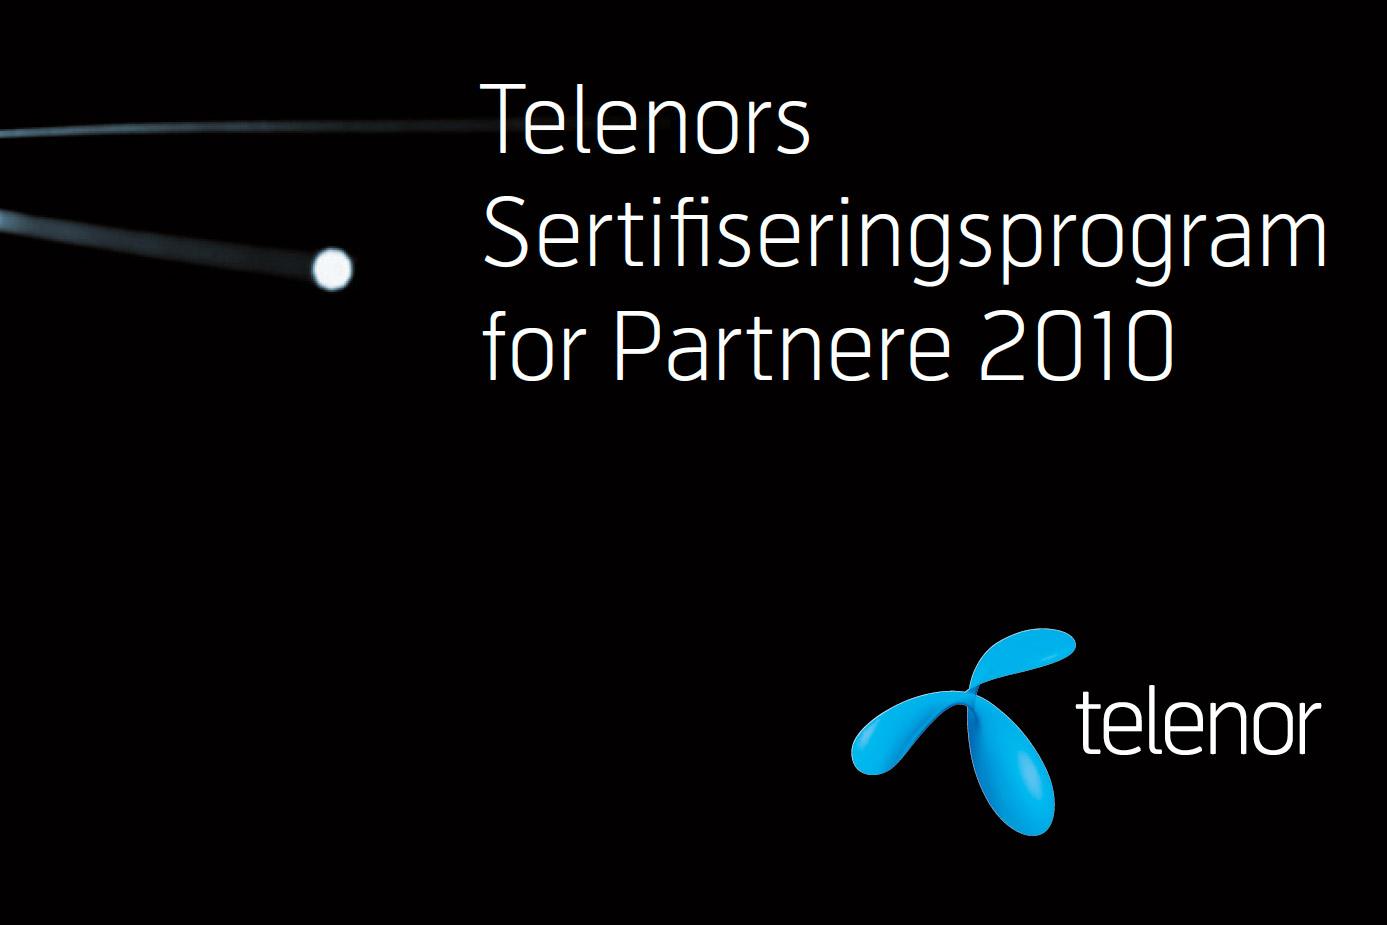 telenors-sertifiseringsprogram